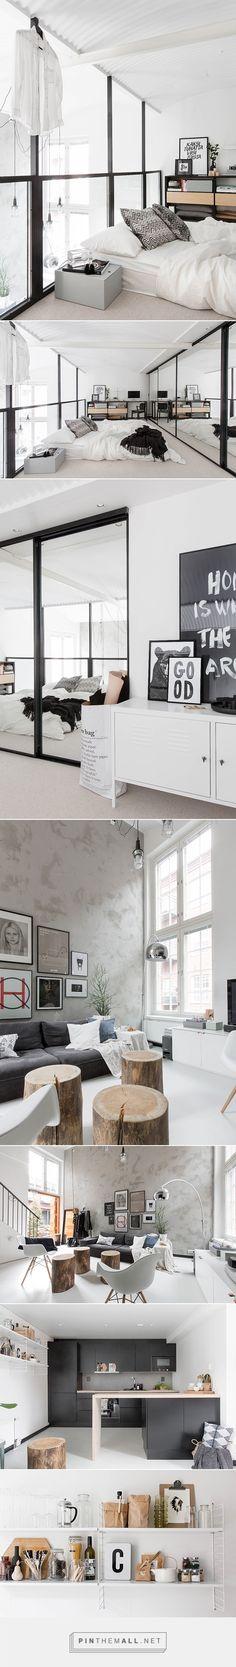 casa preta e branca